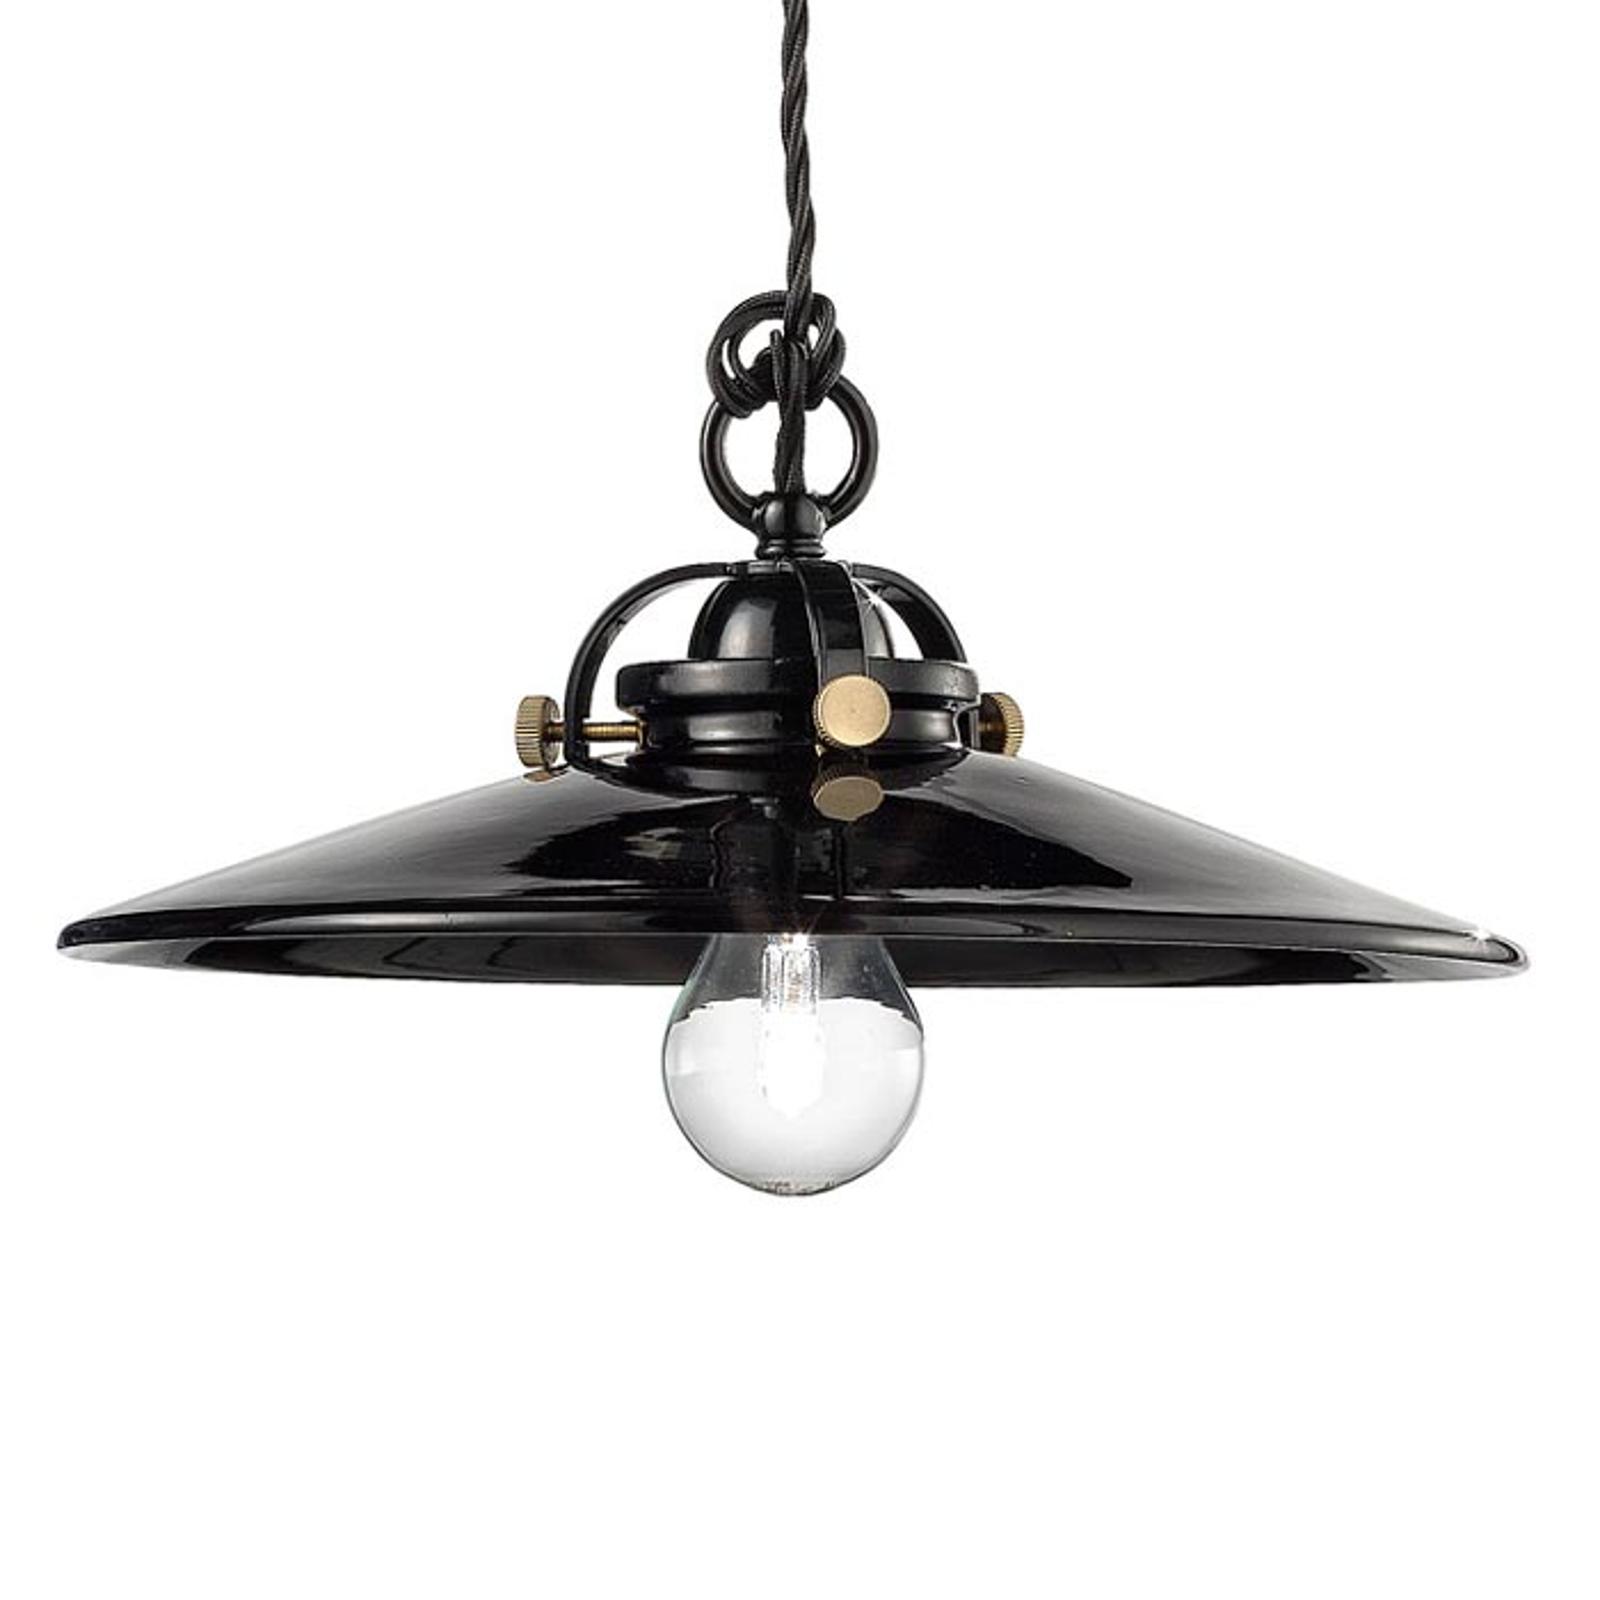 Lampada sospensione Edoardo ceramica nera, 31 cm